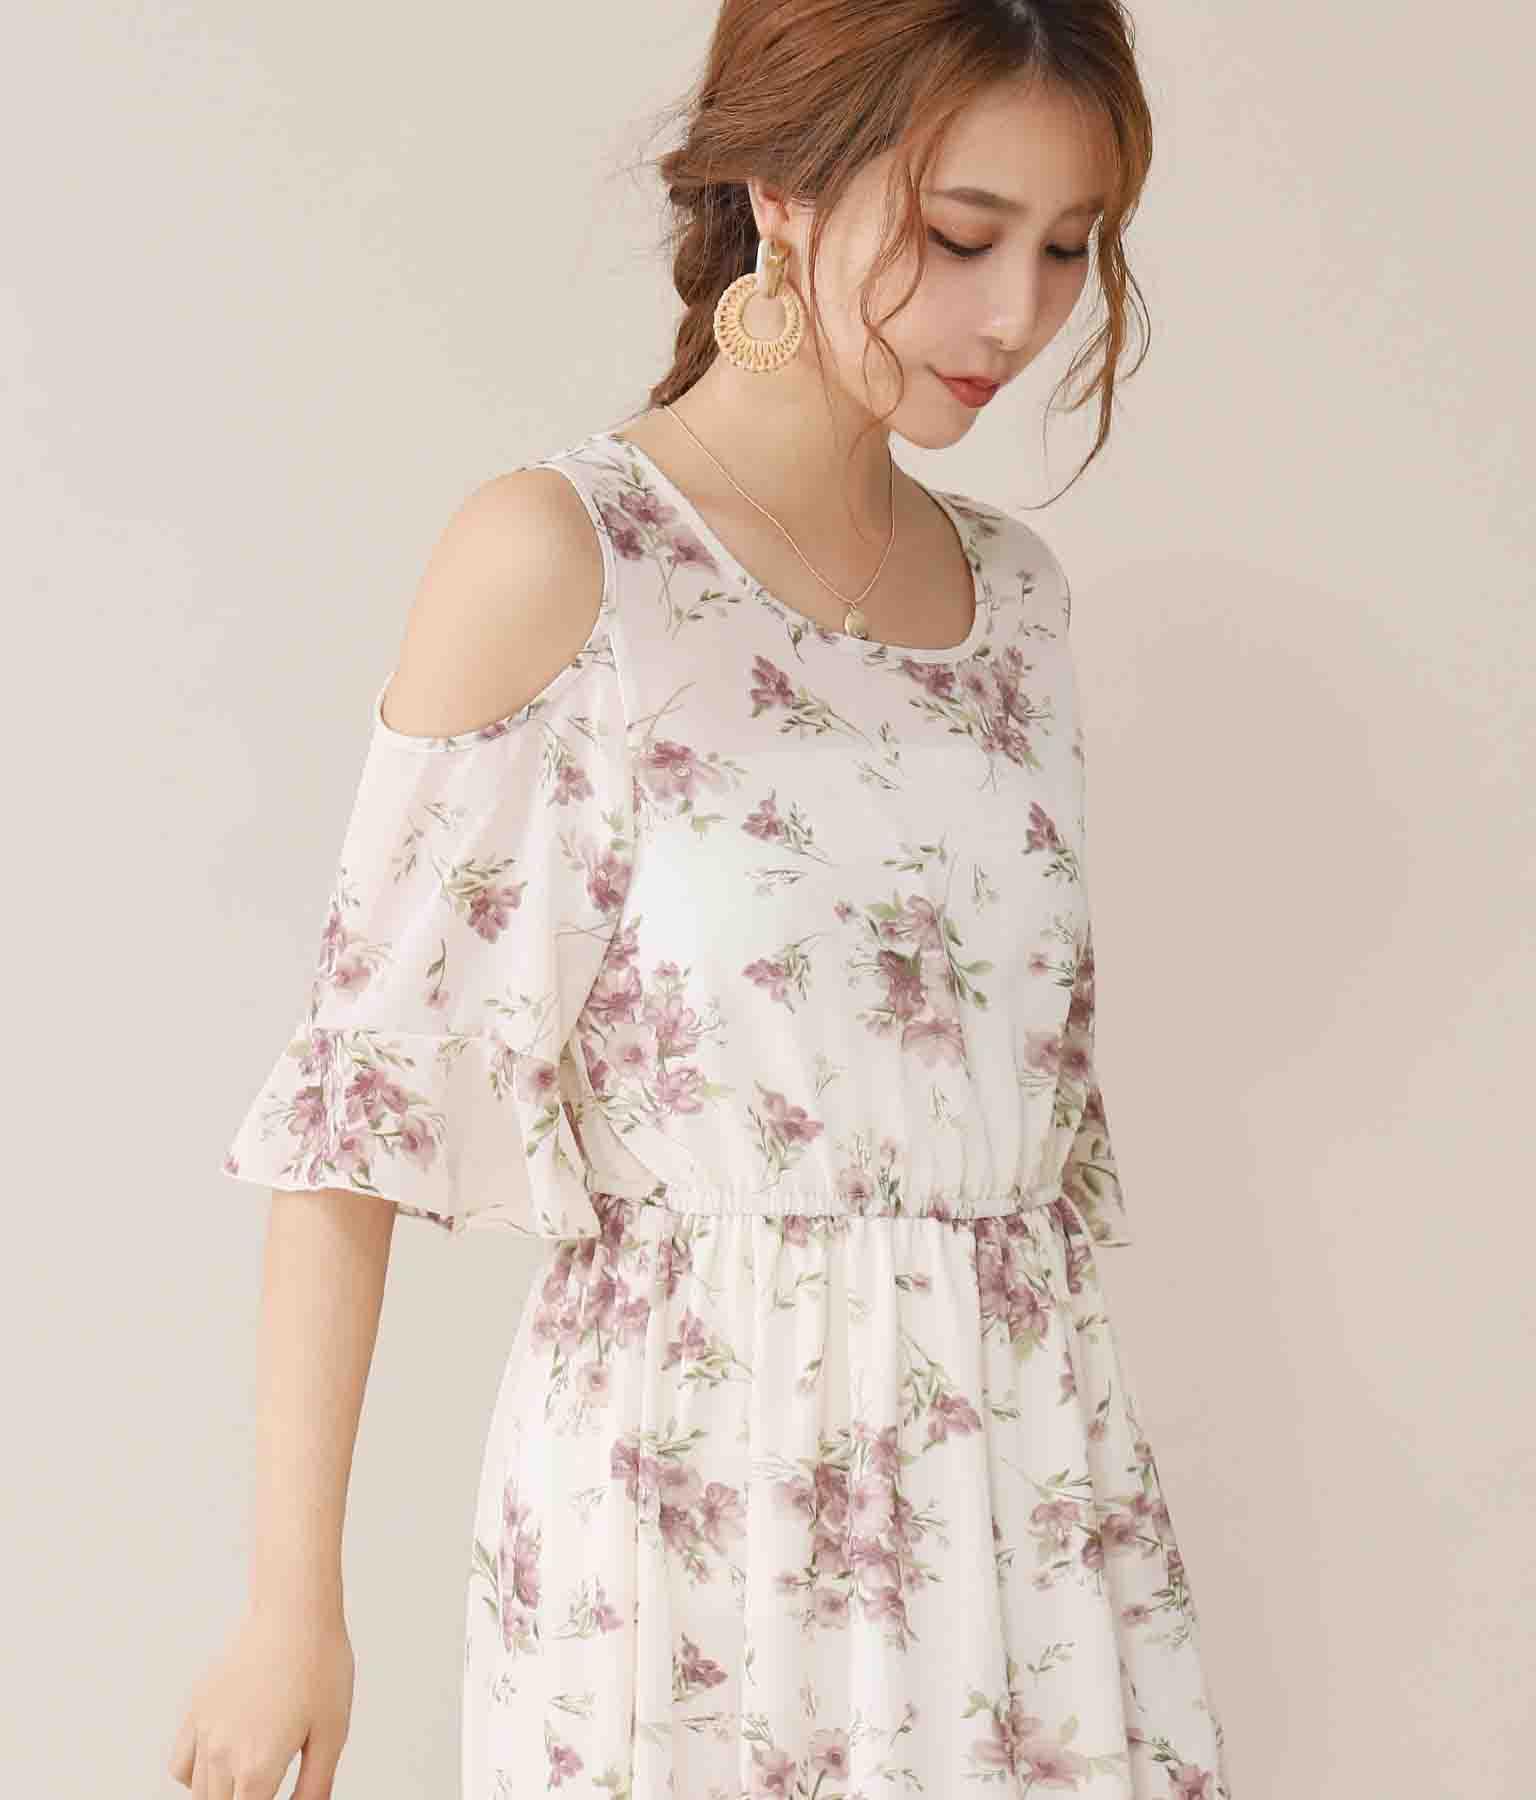 肩あきフラワー柄シフォンワンピース(ワンピース・ドレス/ロングワンピ) | CHILLE